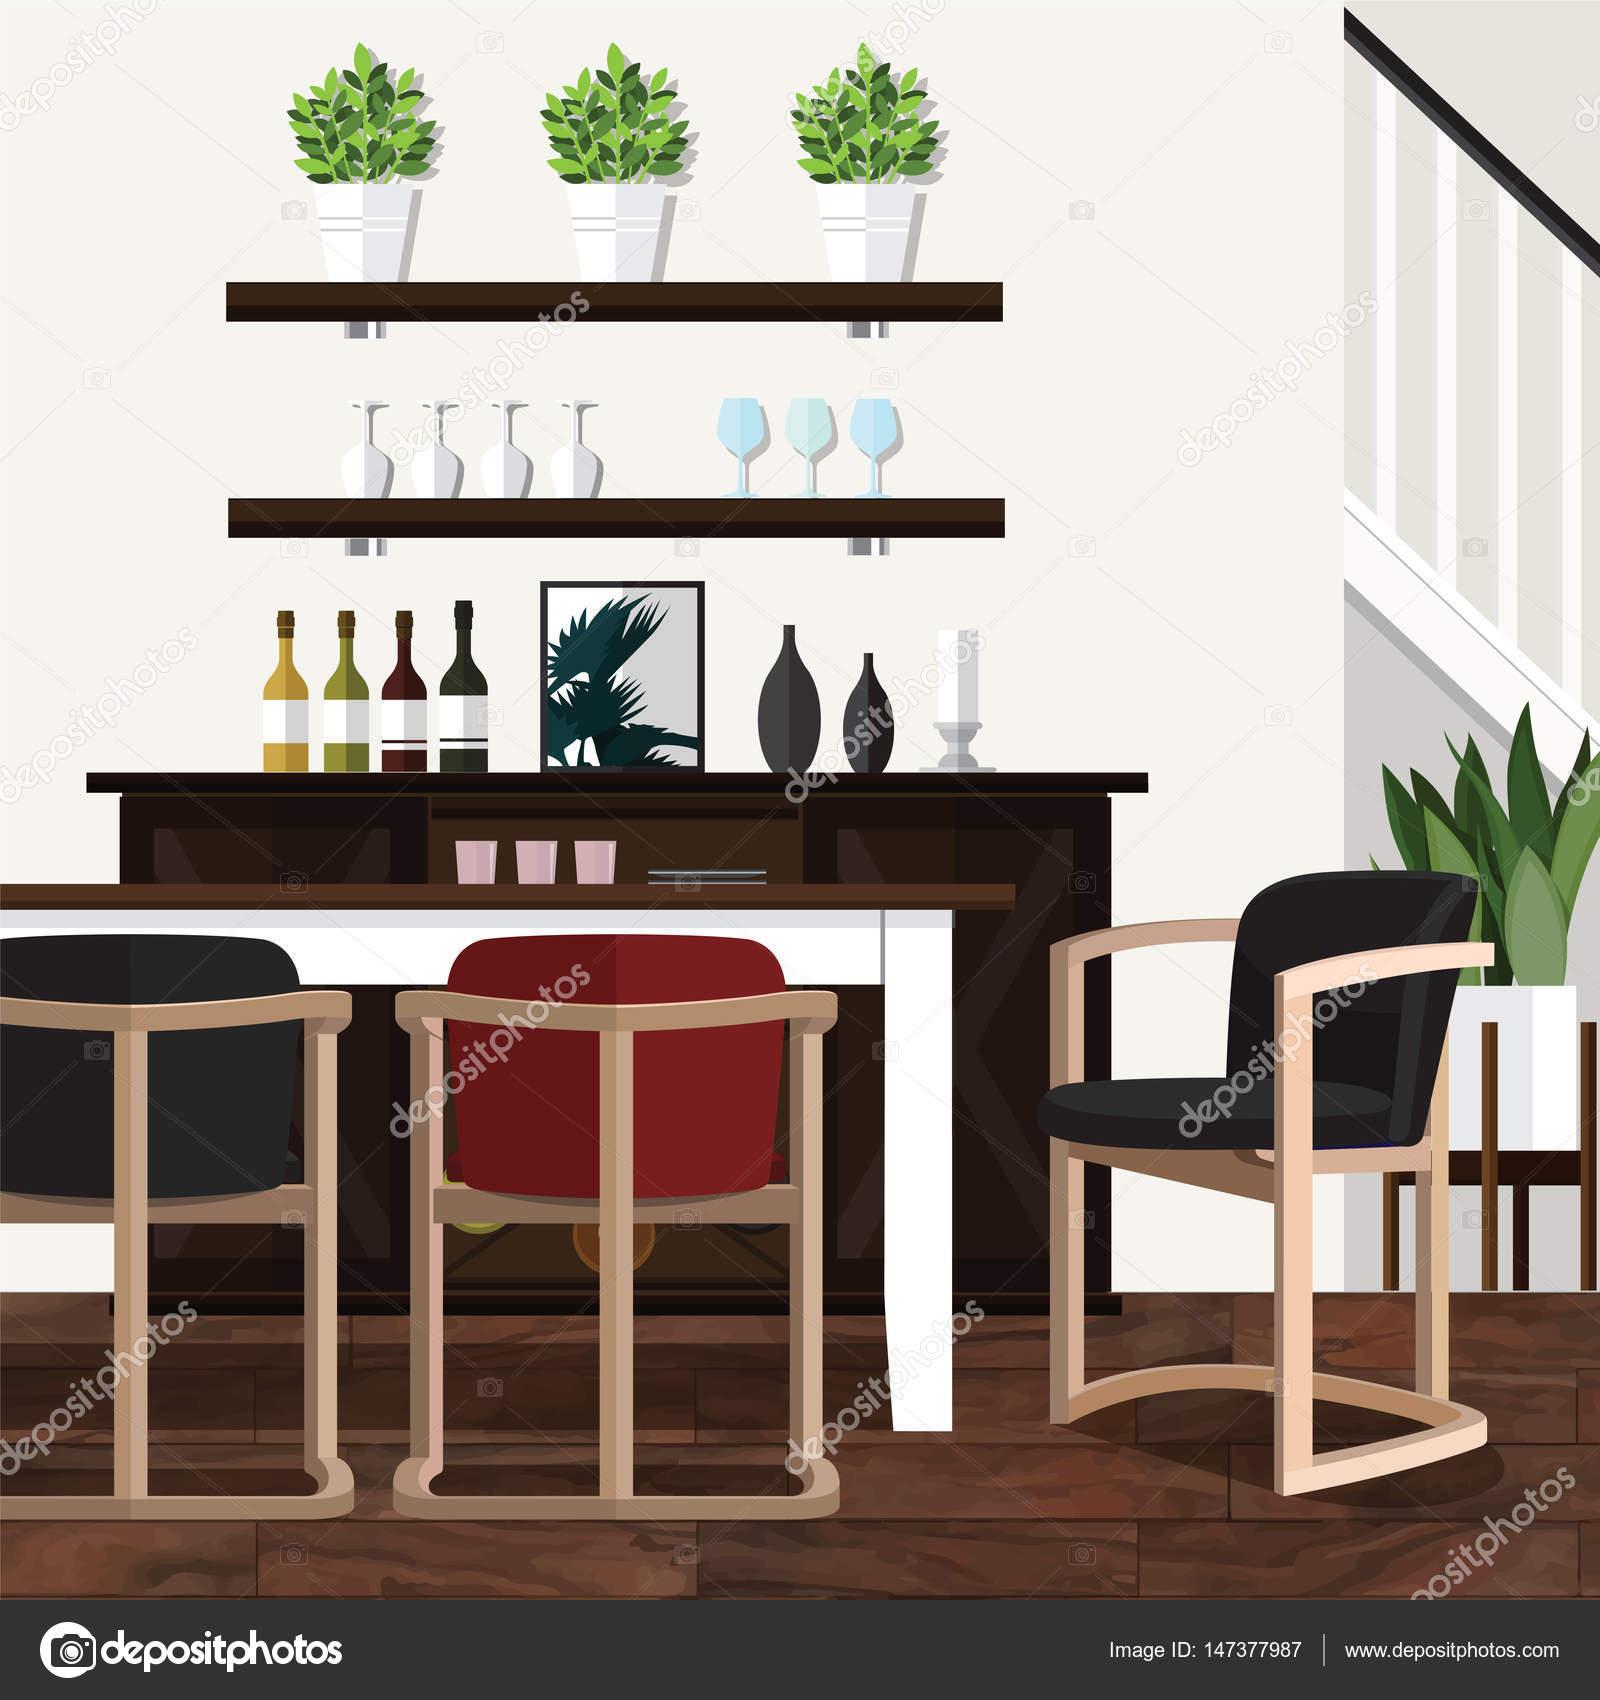 Esszimmer Deko-Ideen für Zuhause — Stockvektor © puaypuayzaa #147377987